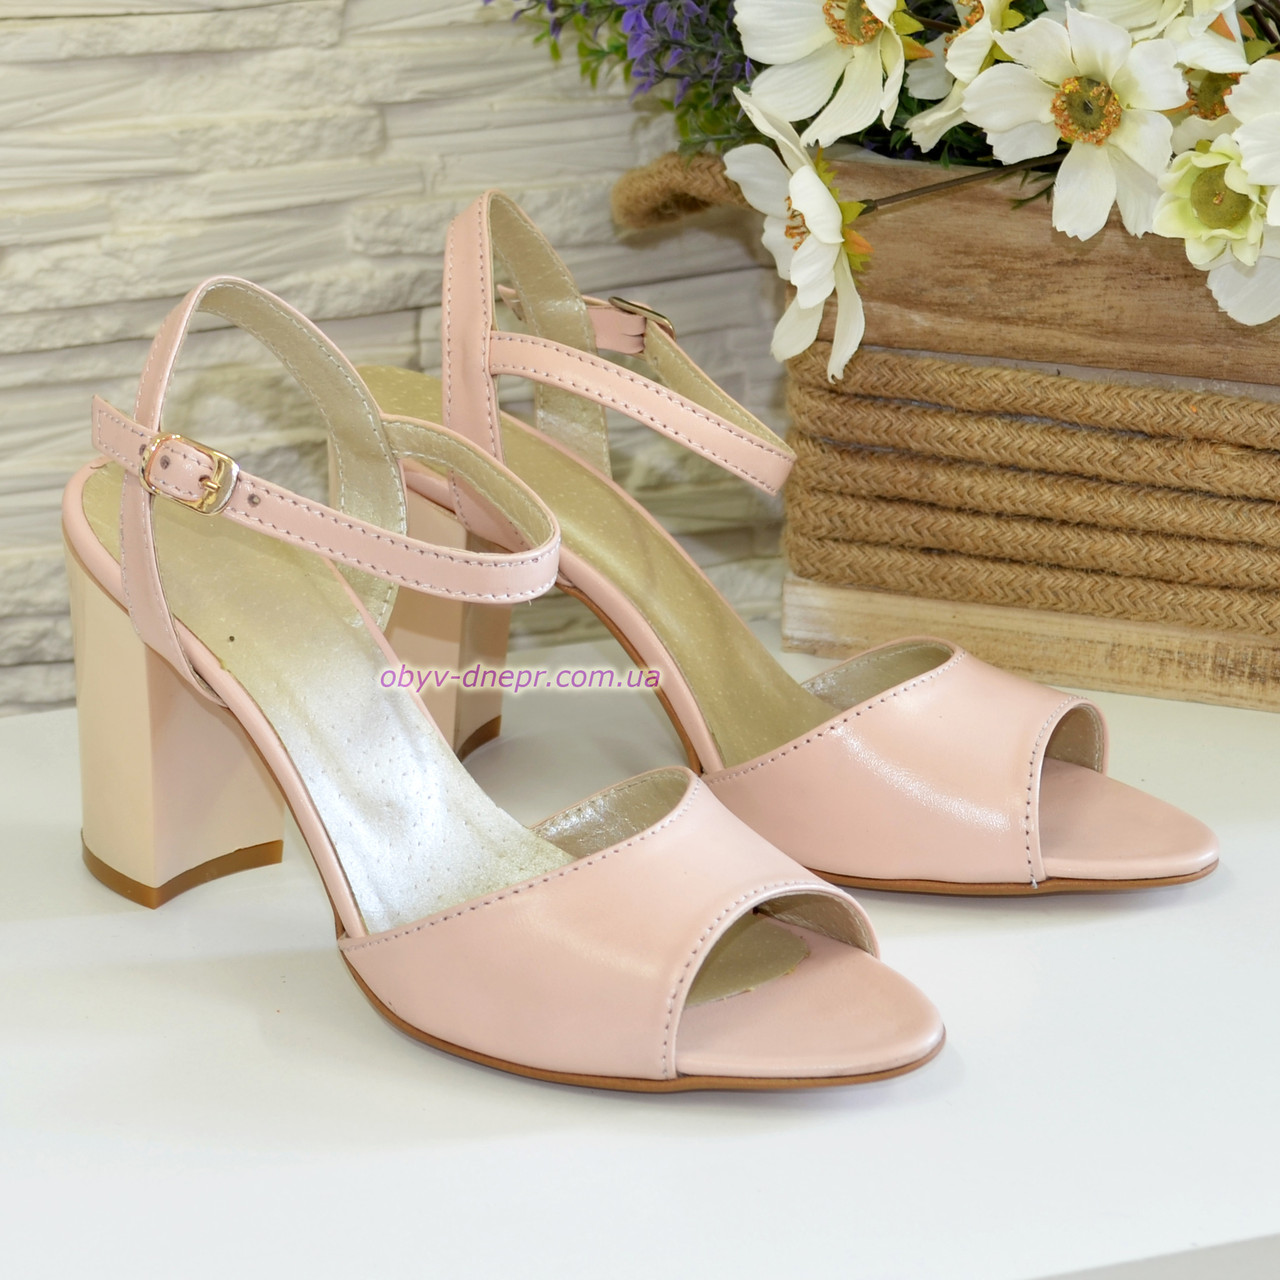 Женские кожаные босоножки на устойчивом каблуке, цвет пудра.